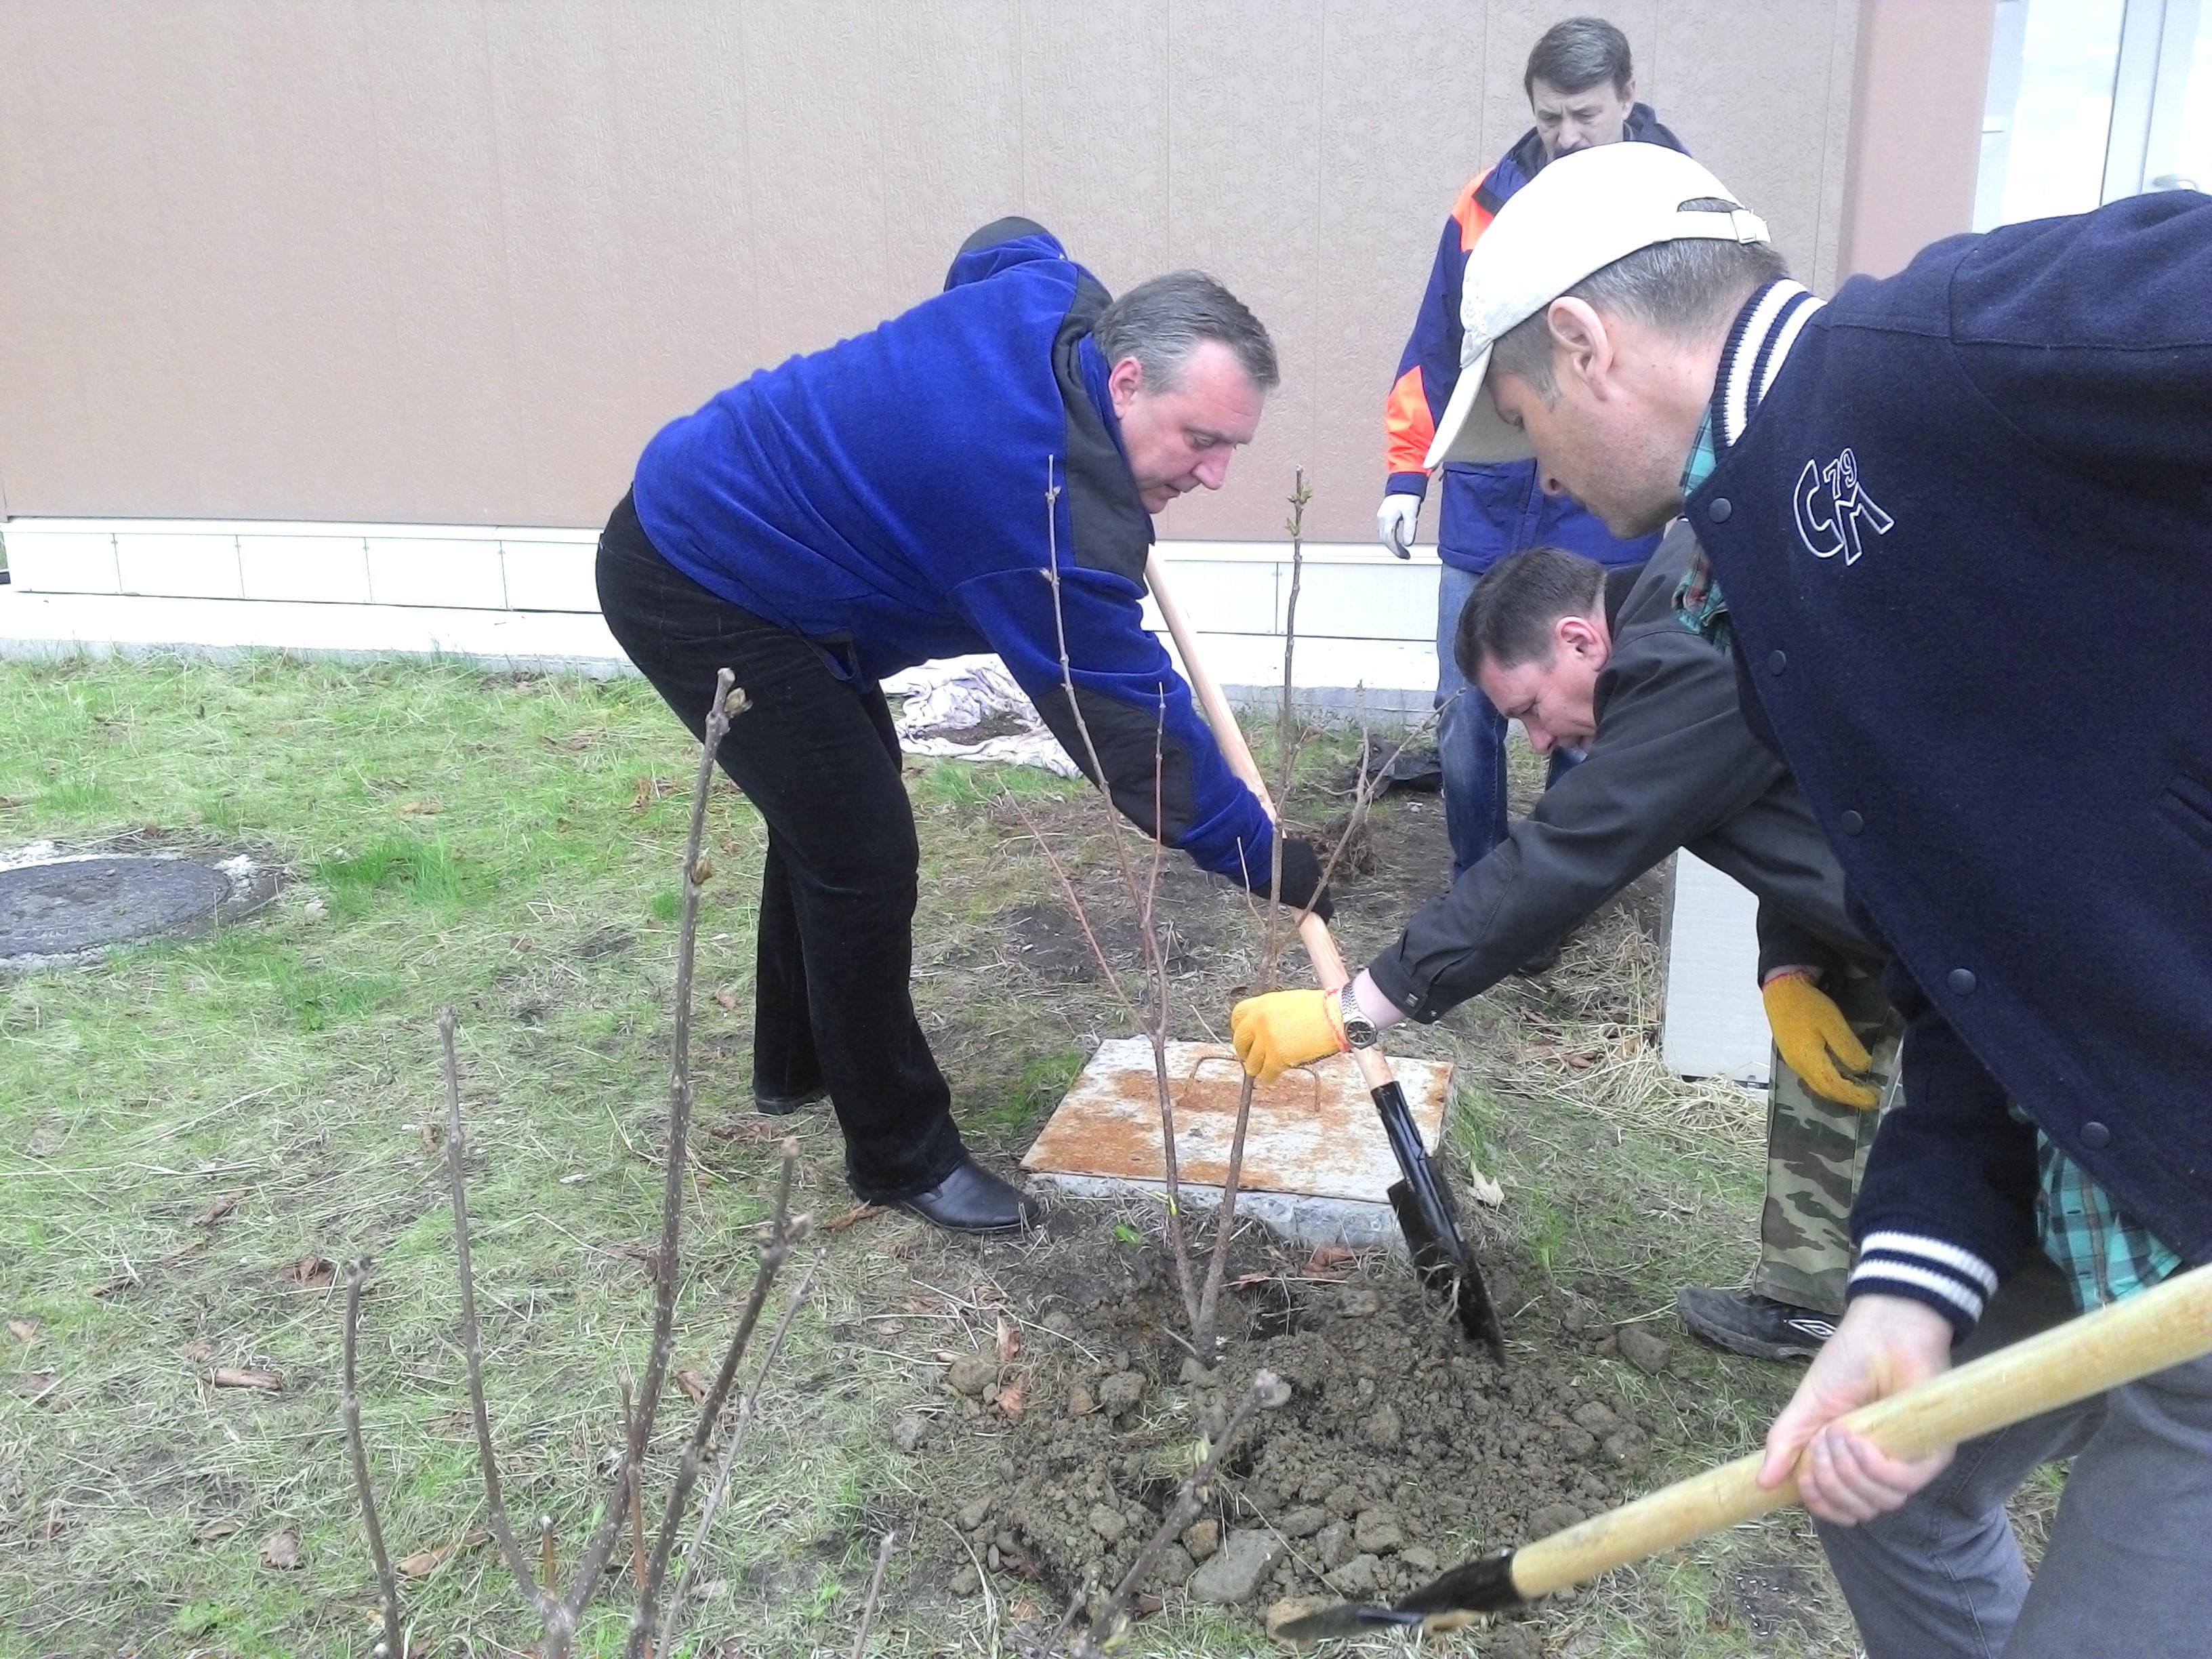 такие приняли участие в акции посади дерево пирог это отличное